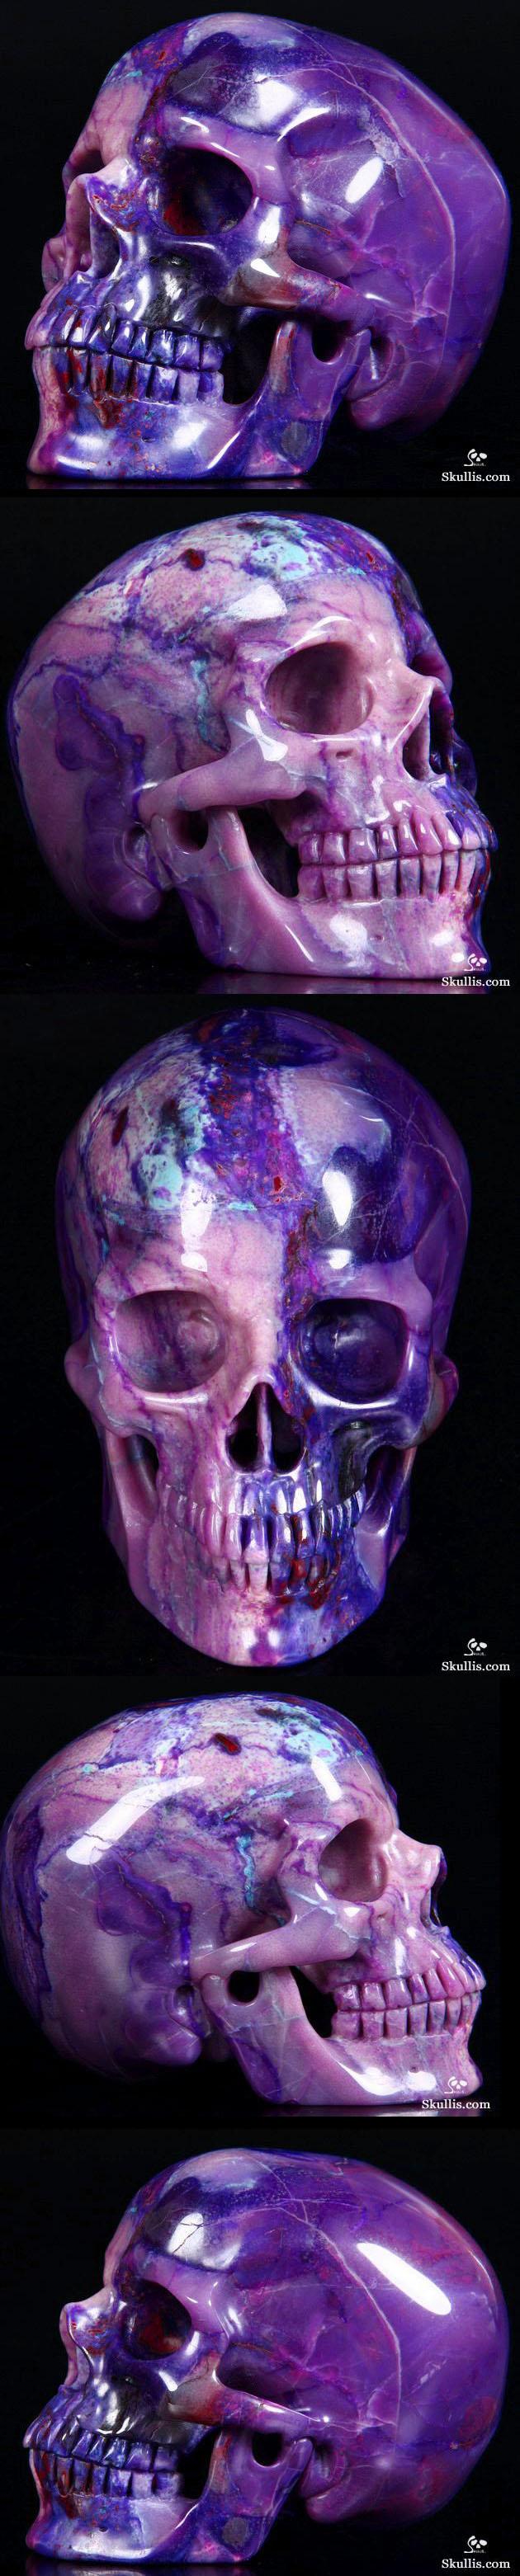 Crystal skull on pinterest art design and